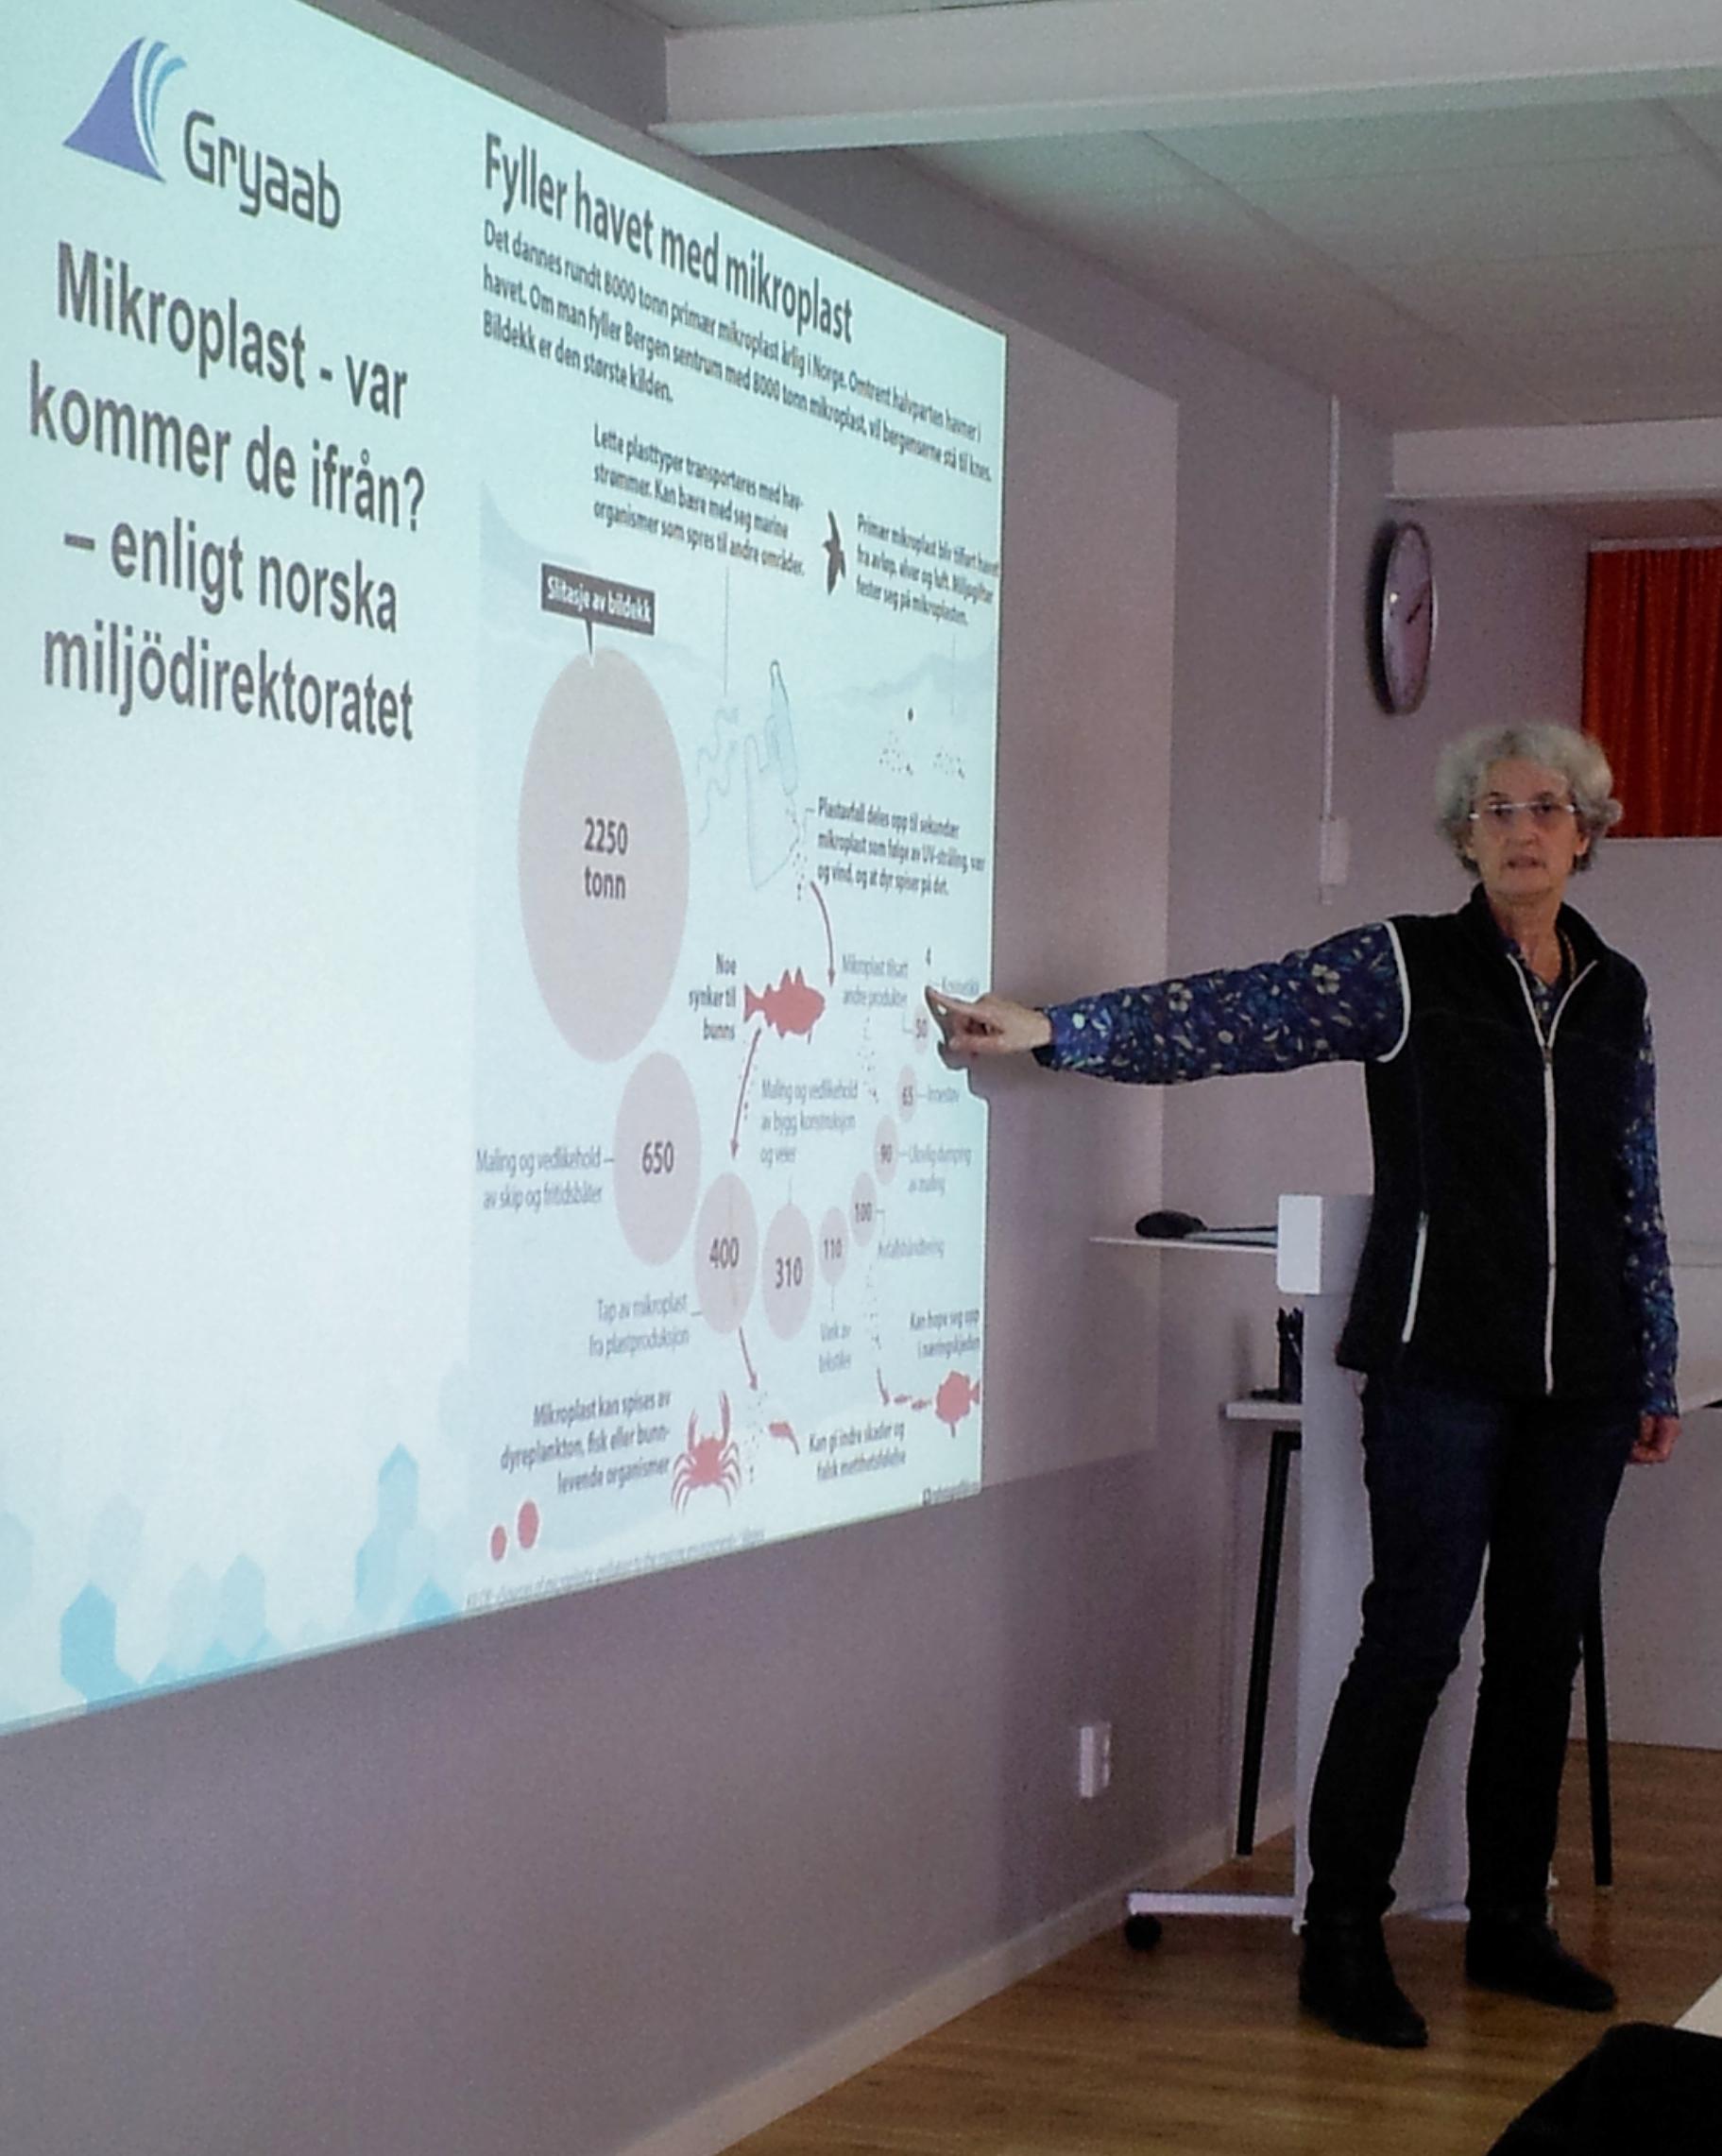 Ann Mattsson Gryaab